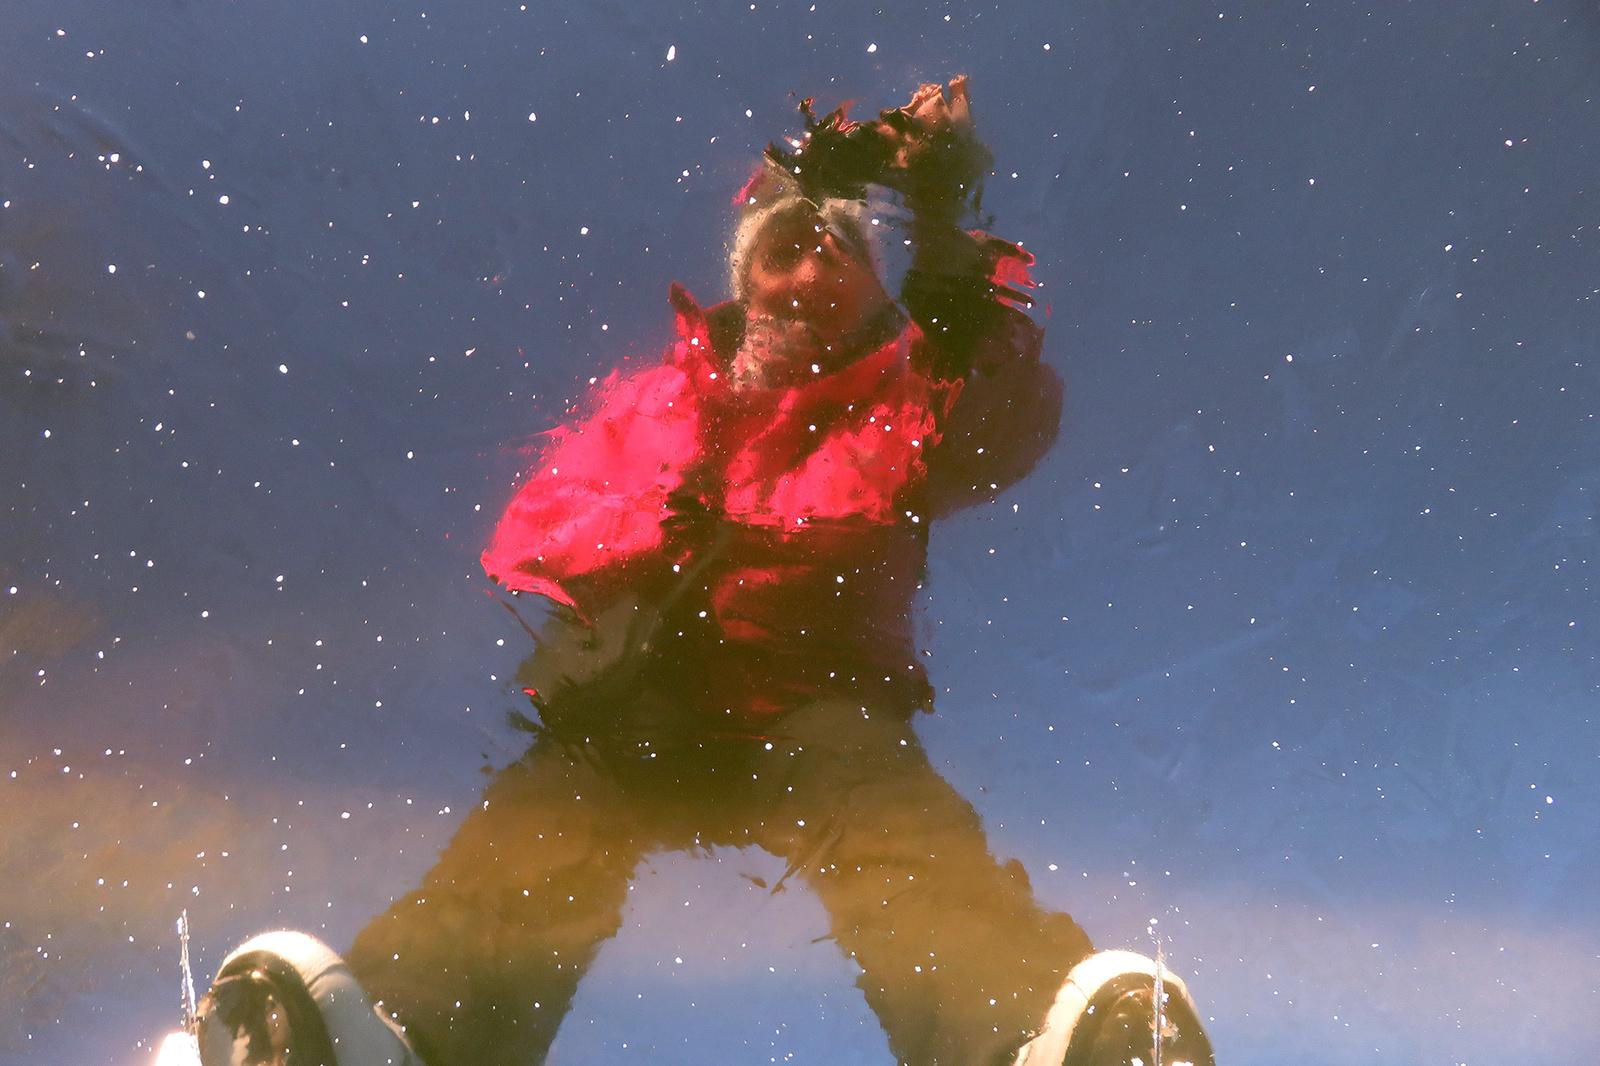 jeges szelfi 2